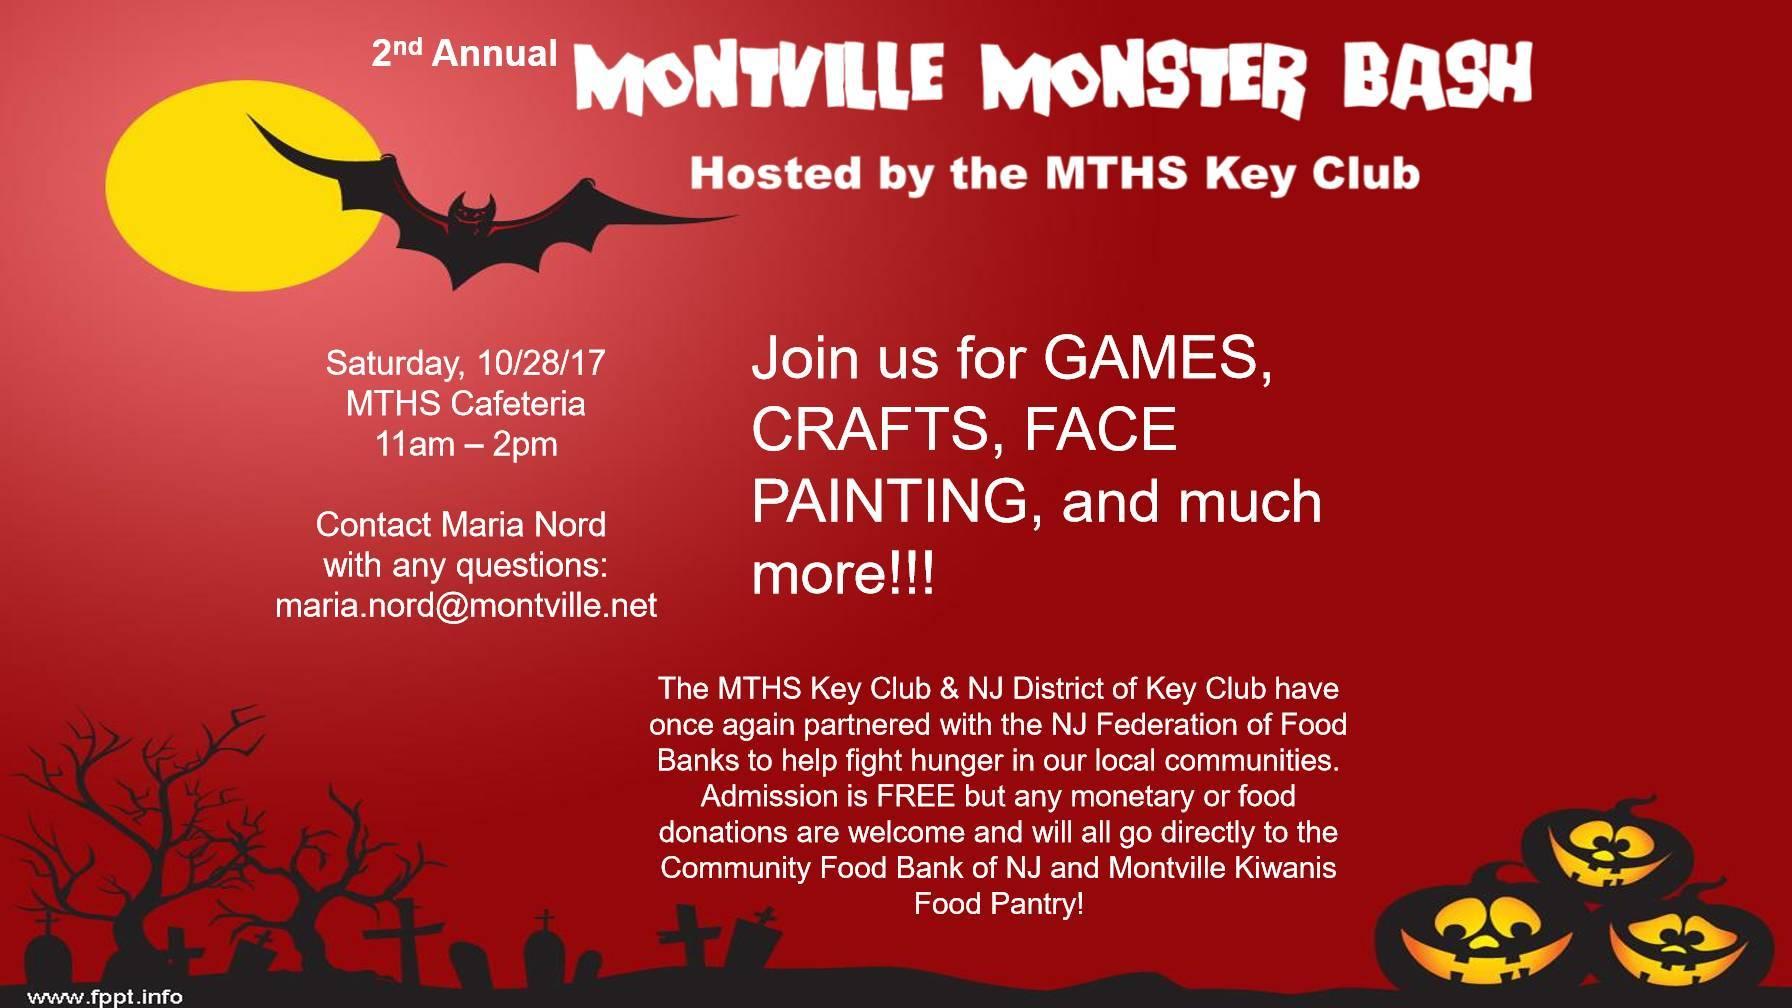 Montville Monster Bash for Kids - TAPinto